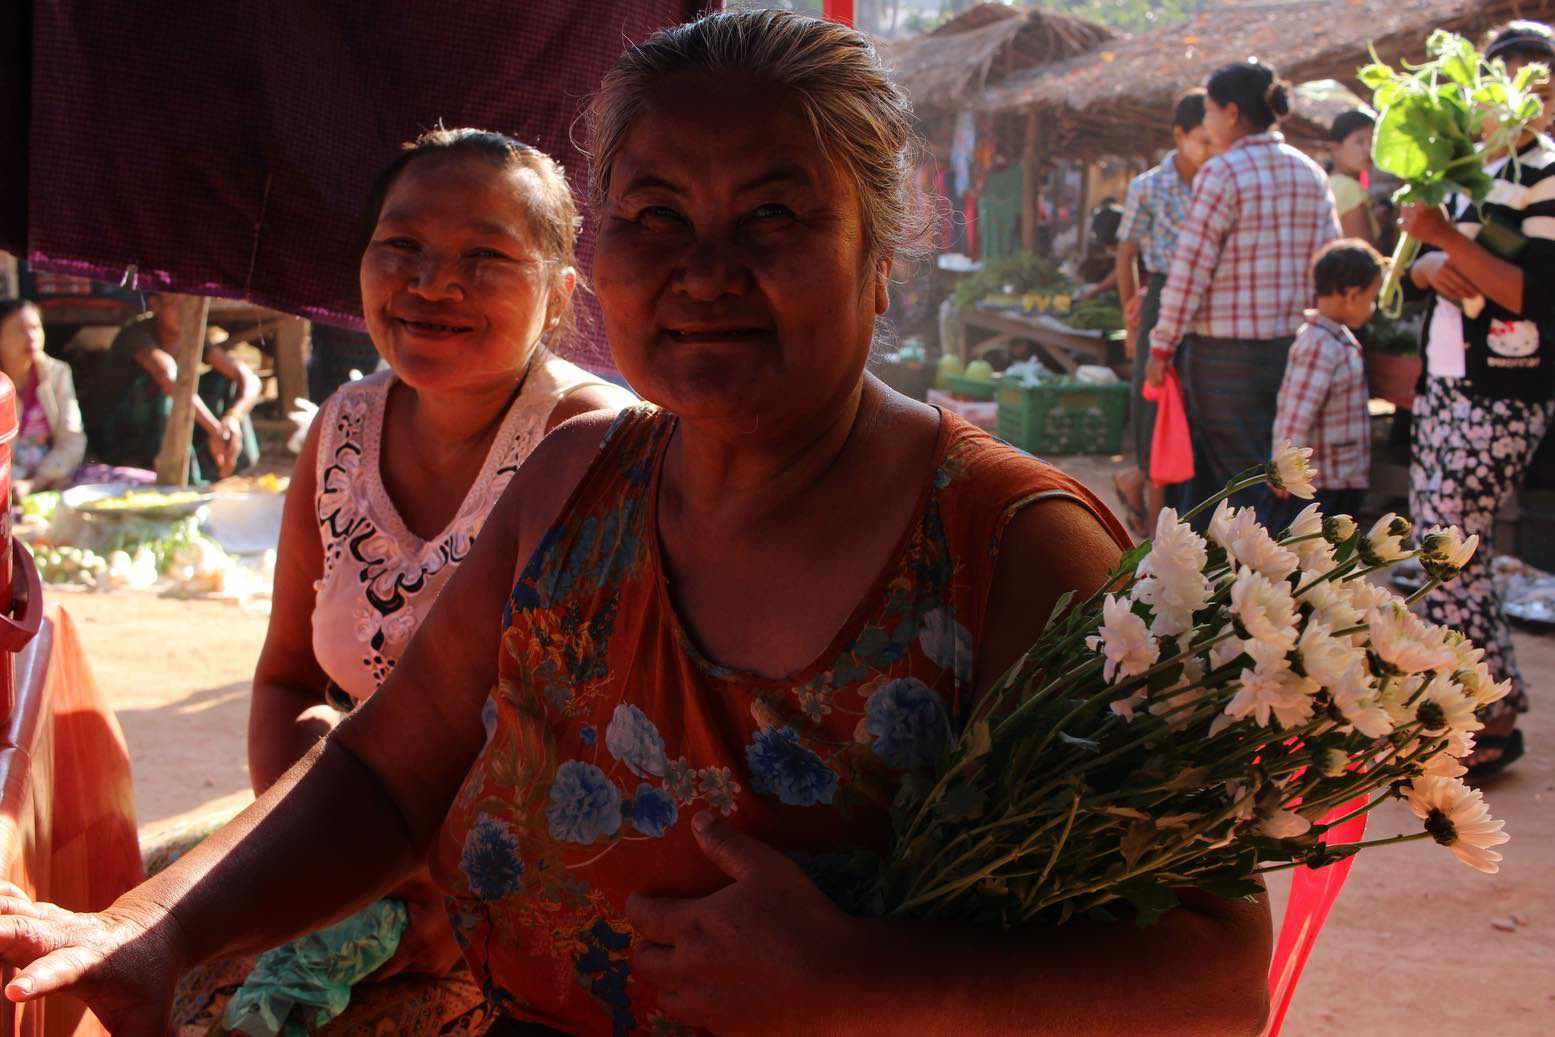 Elías Escribano en Birmania por Navidad05 - Perlé desea FELIZ NAVIDAD a todos sus seguidoresdesde Birmania.